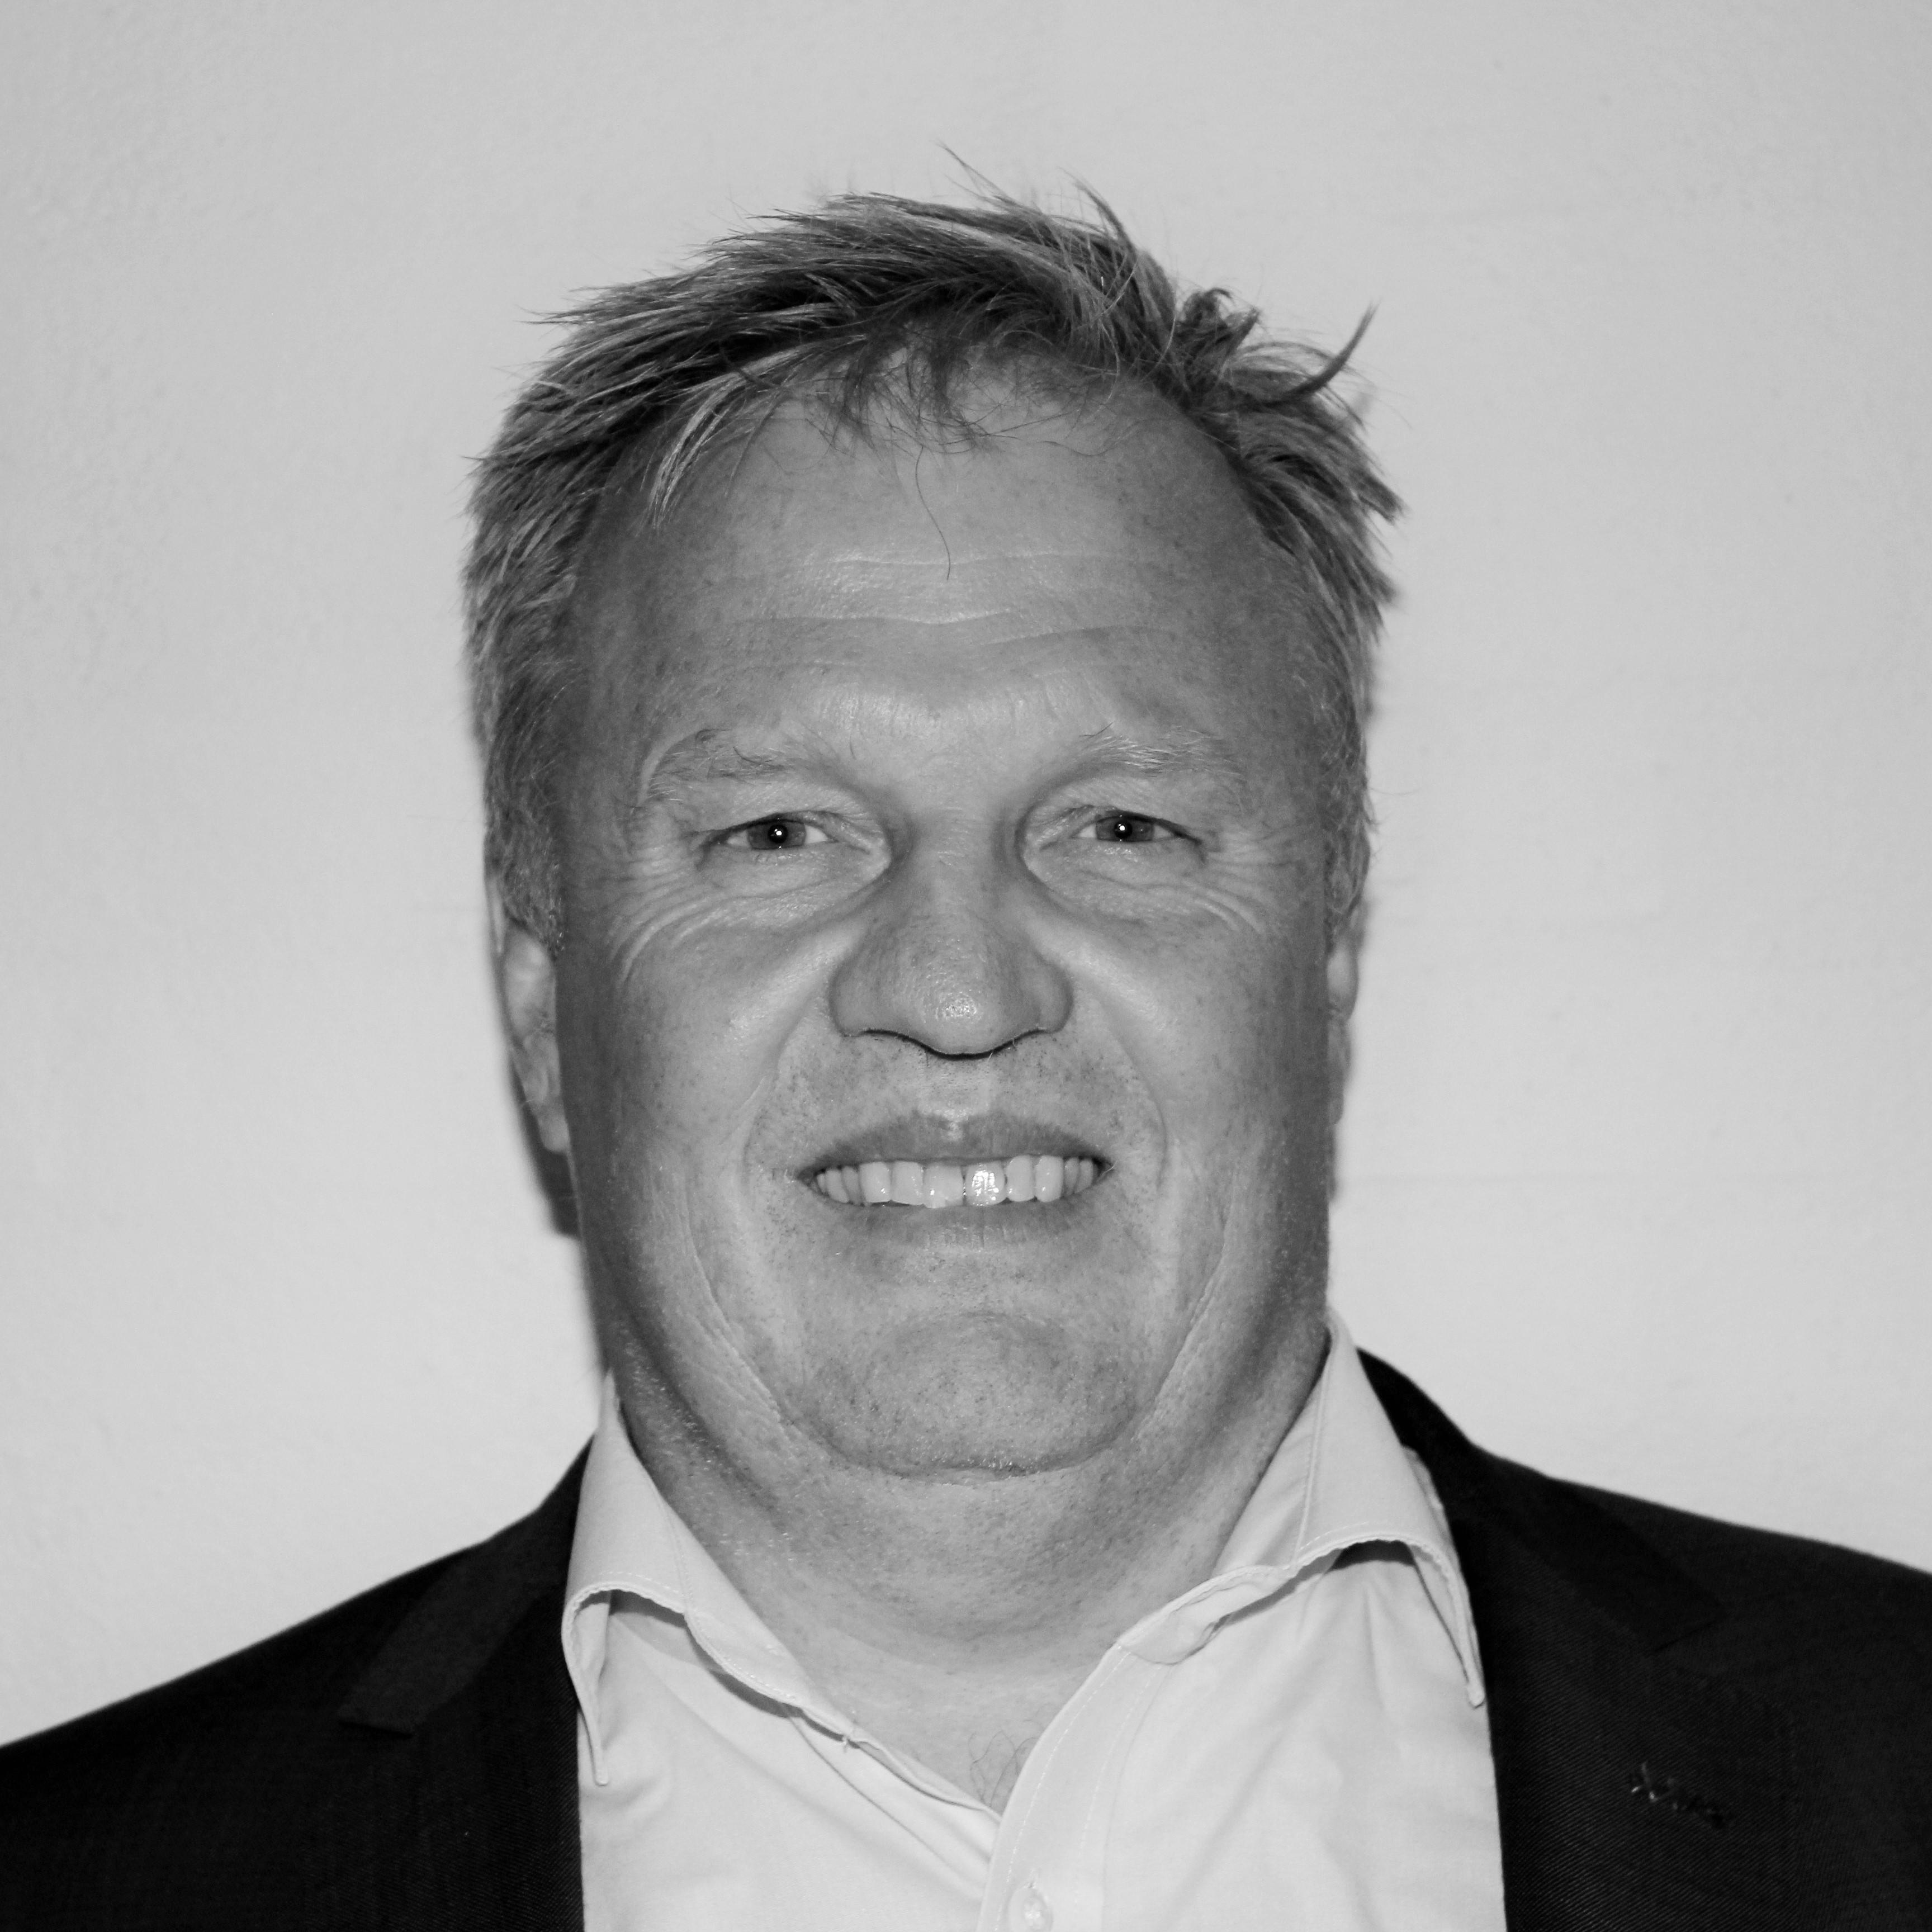 Claus Haunsø